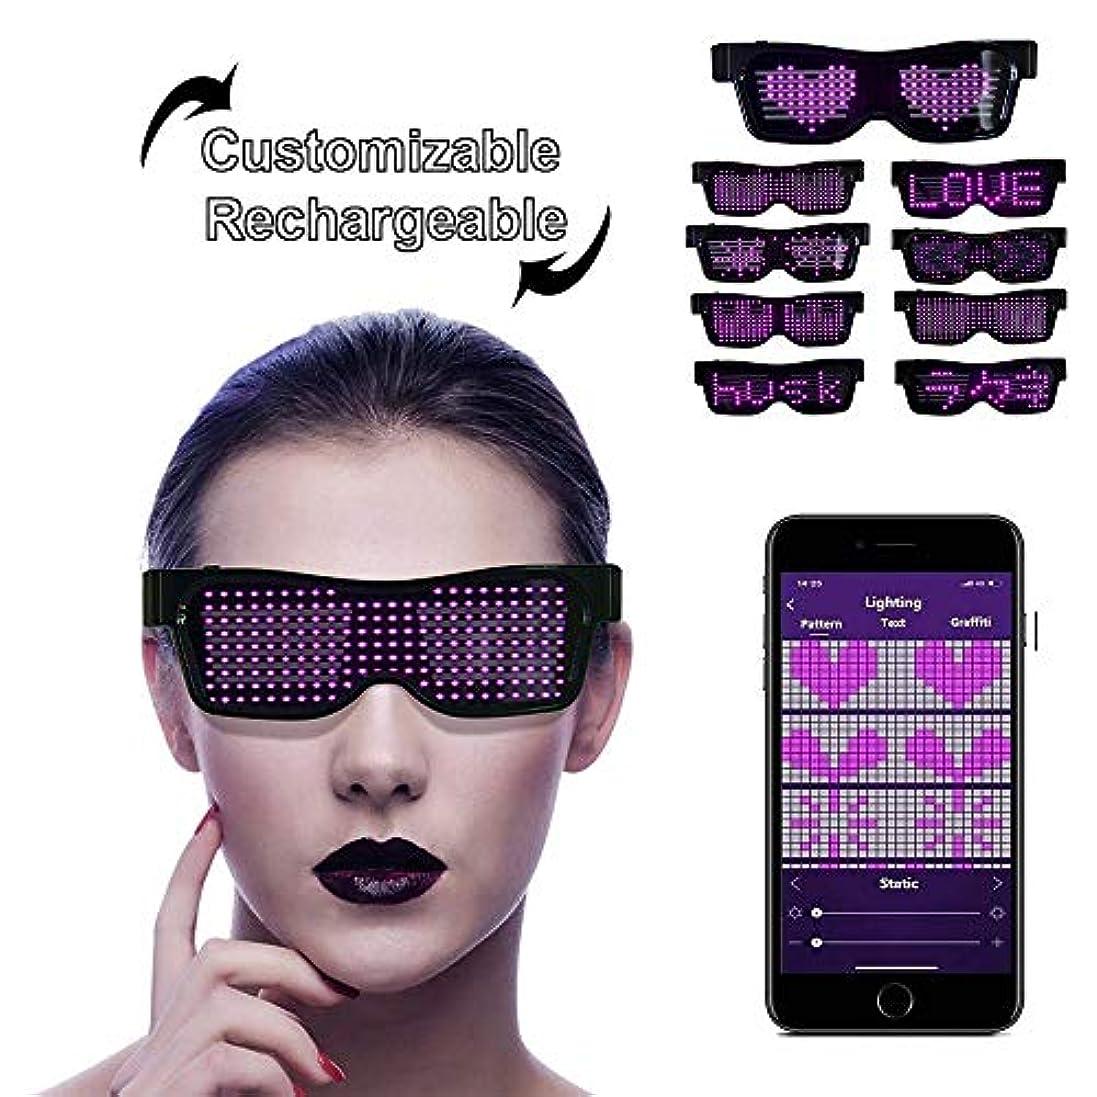 明らかに失う場所LEDサングラス, LEDメガネ ブルートゥースLEDパーティーメガネカスタマイズ可能なLEDメガネUSB充電式9モードワイヤレス点滅LEDディスプレイ、フェスティバル用グロー眼鏡レイヴパーティー